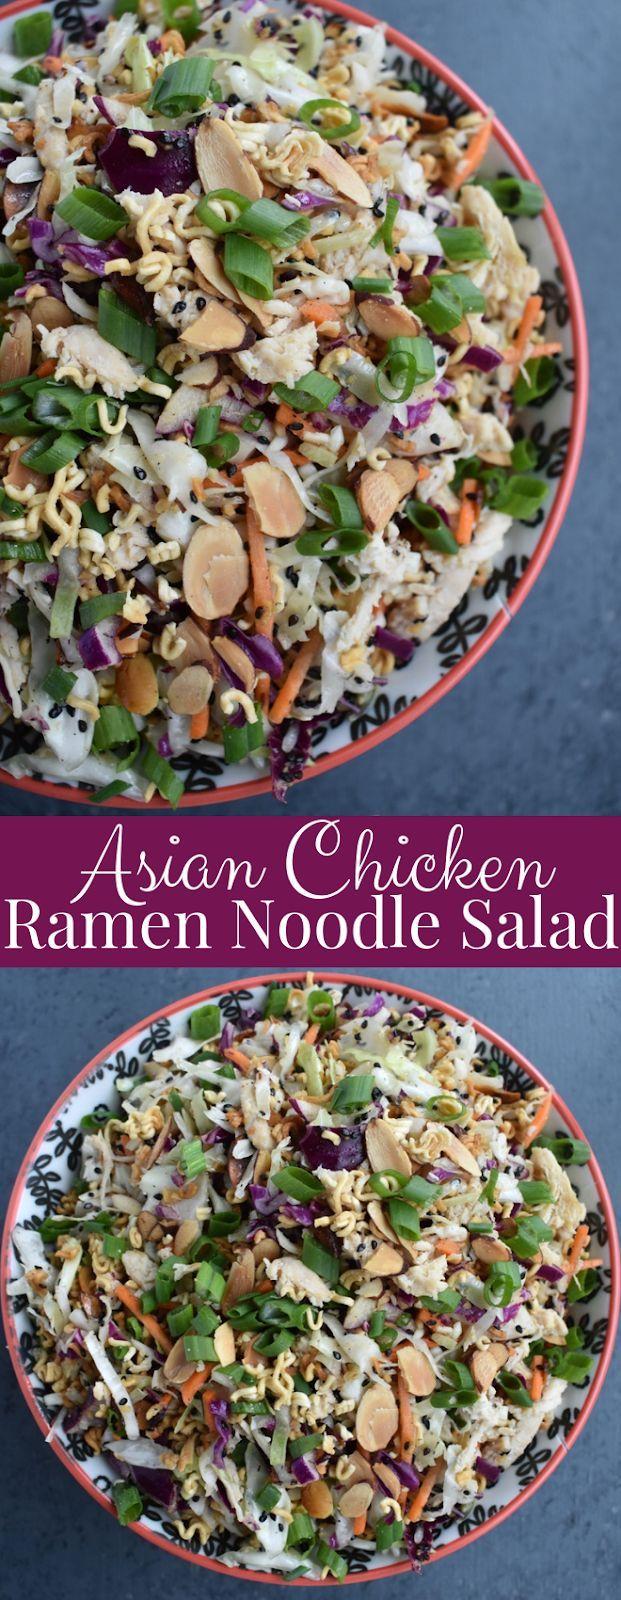 Asian Chicken Ramen Noodle Salad ist knusprig und würzig mit Kohl, Karotten, …..